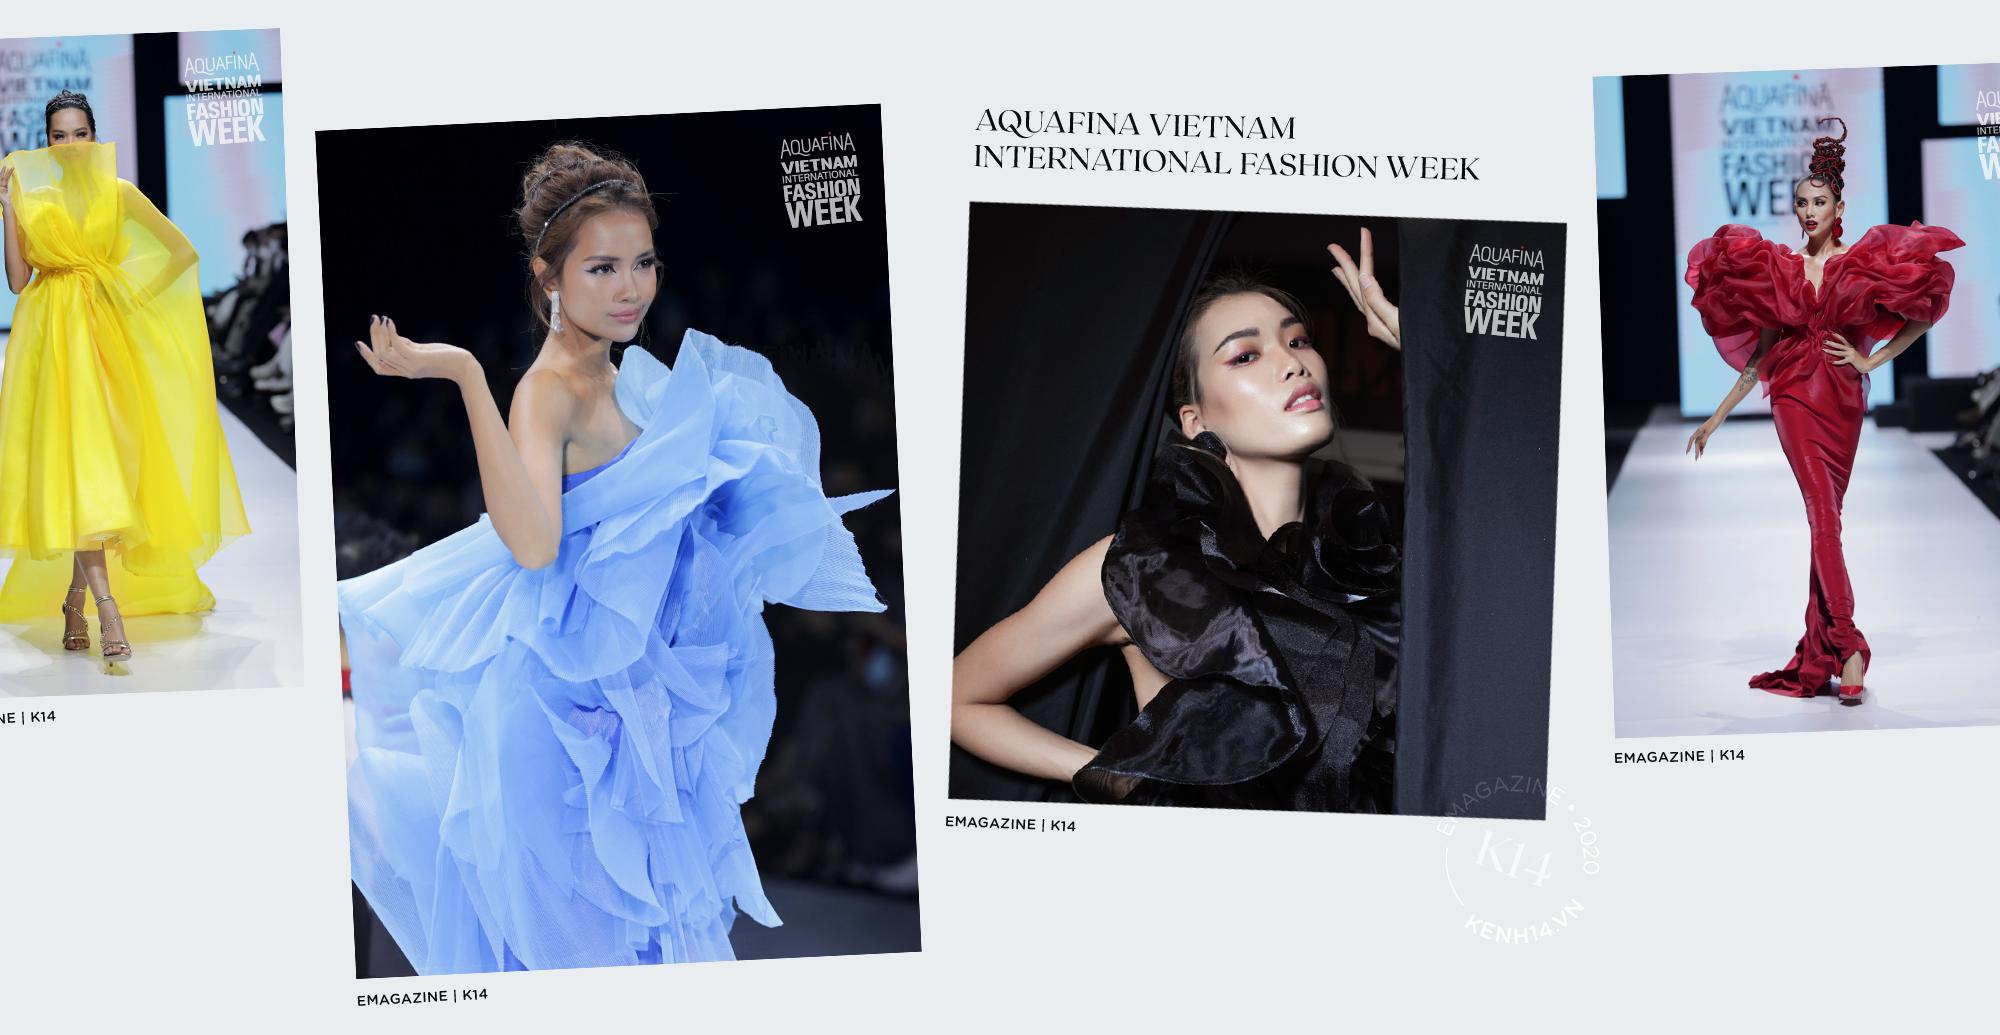 """2020: Khi các kinh đô thế giới cũng phải tạm im tiếng thì dòng chảy thời trang Việt vẫn mãnh liệt khẳng định: """"Tương lai bắt đầu từ hôm nay!"""" - Ảnh 5."""